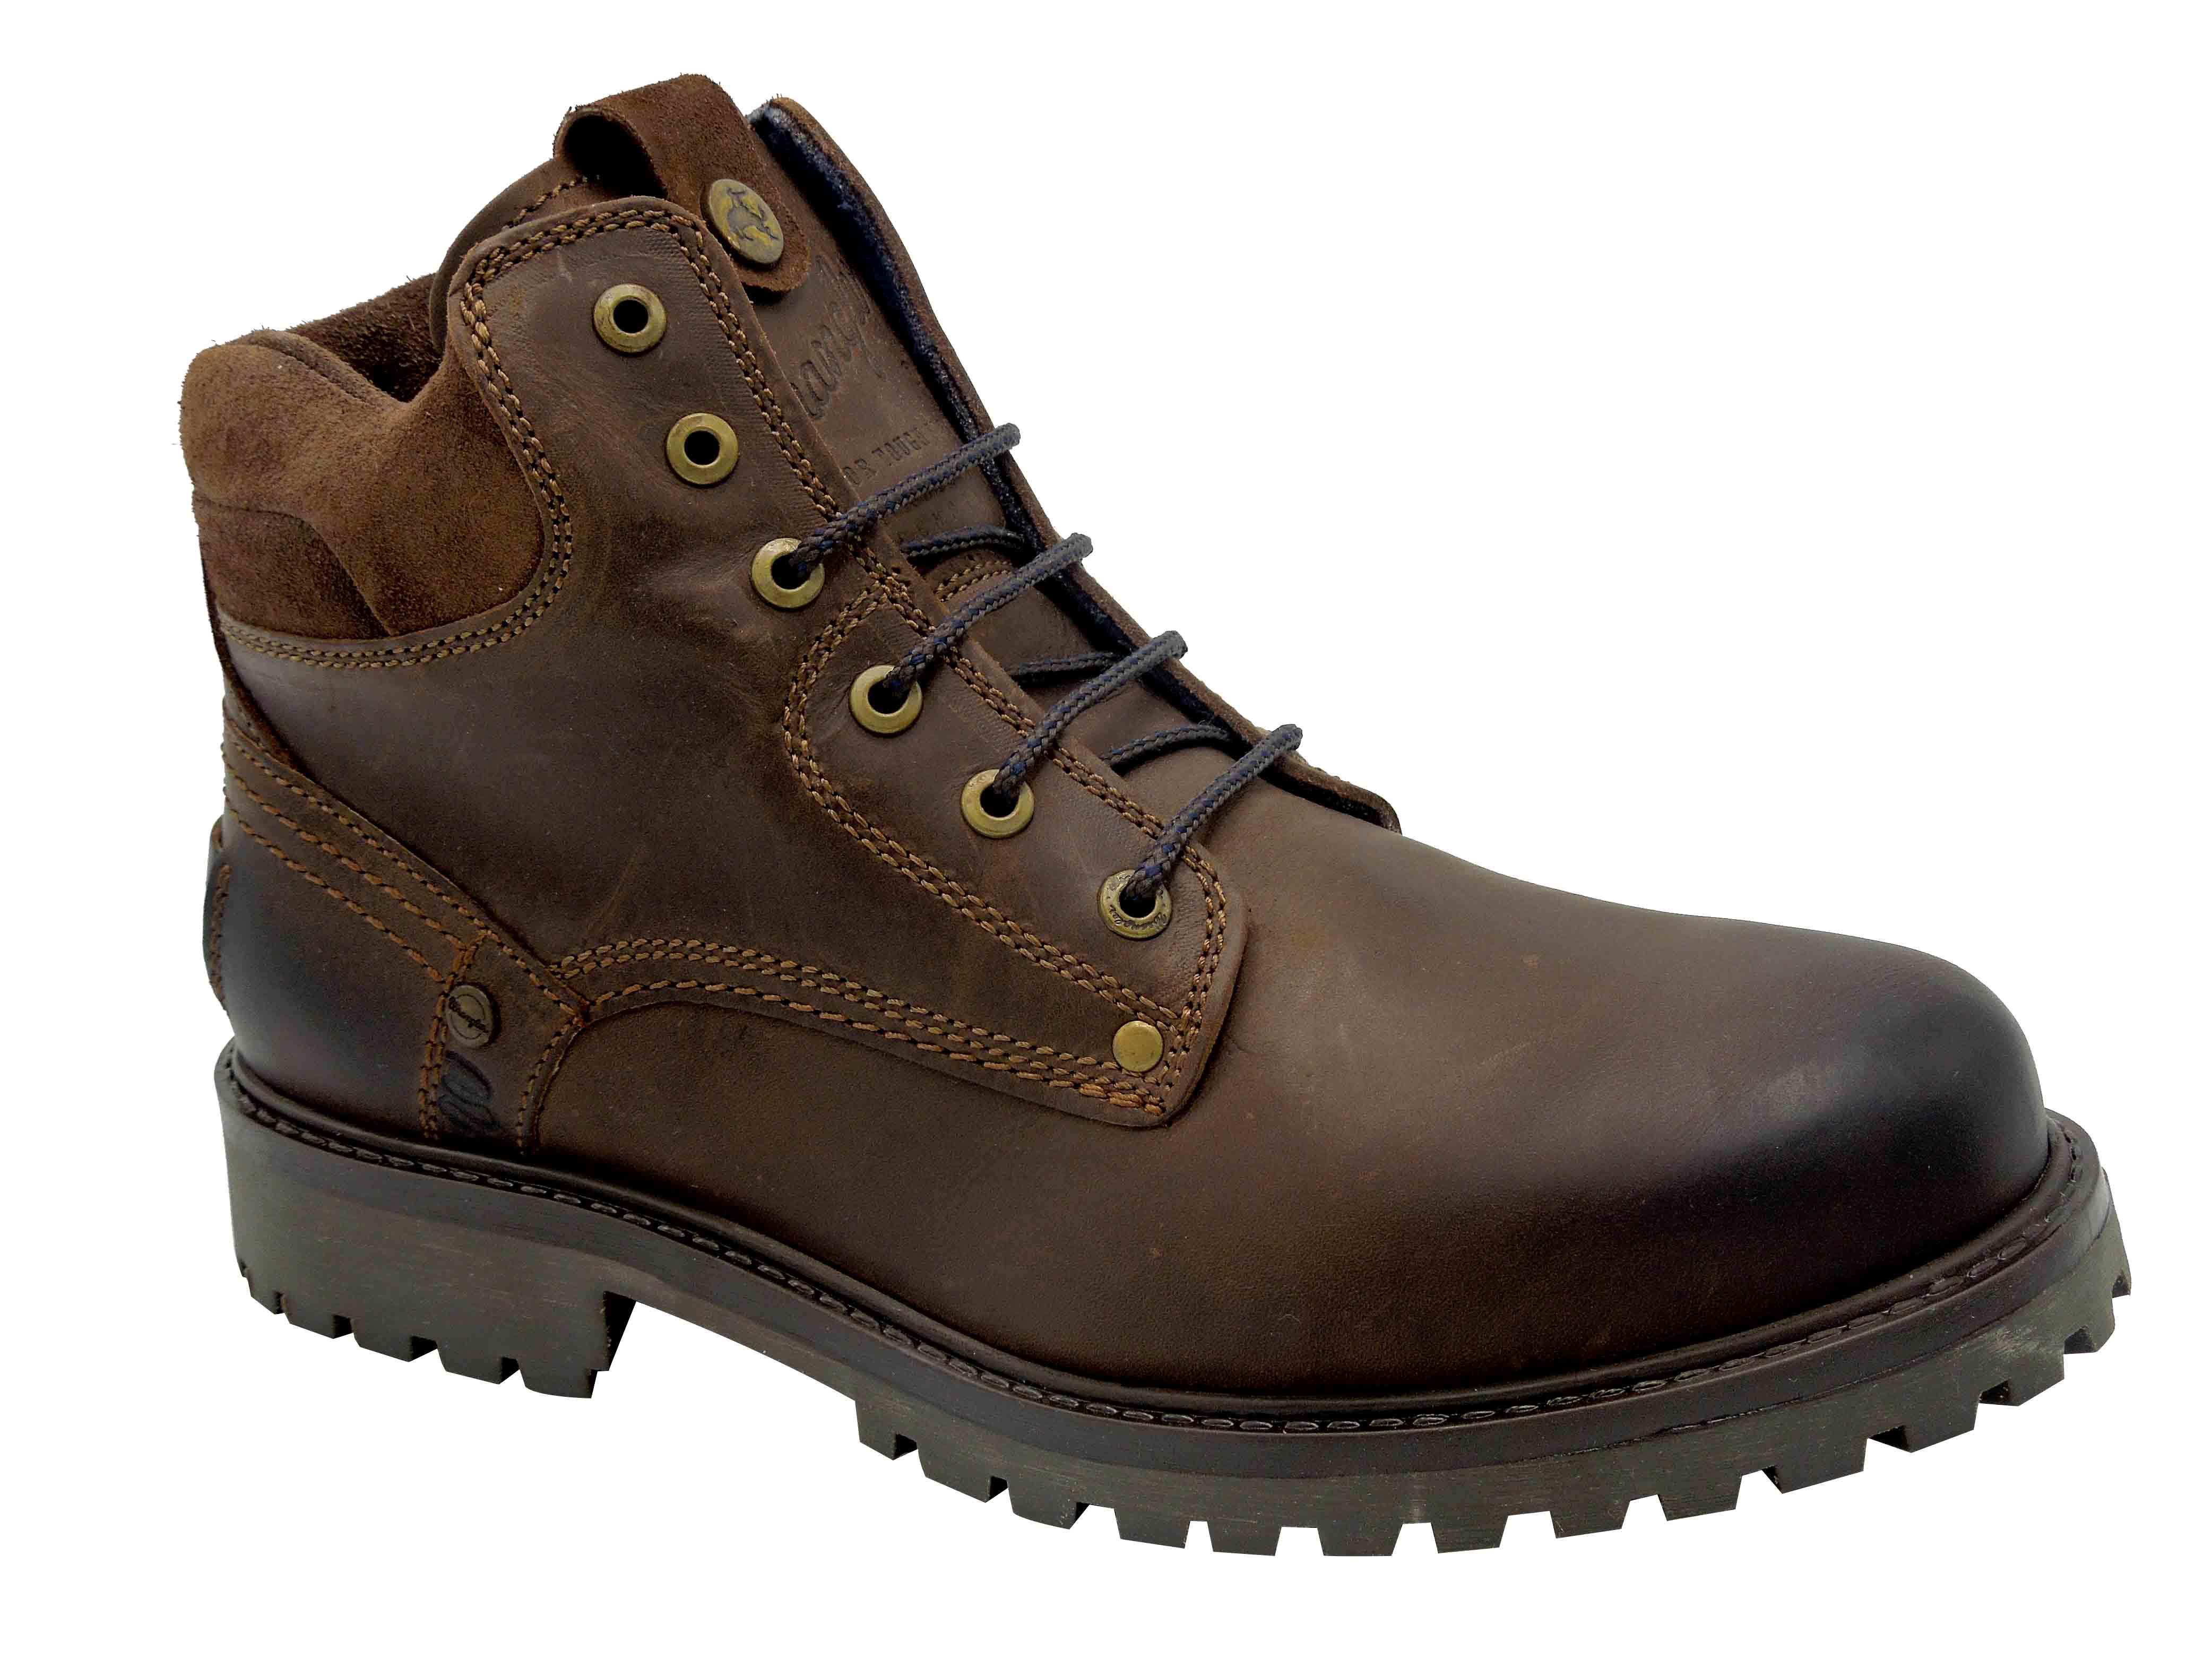 969d183a942 Pánské kotníkové boty Wrangler WM172001 hnědá